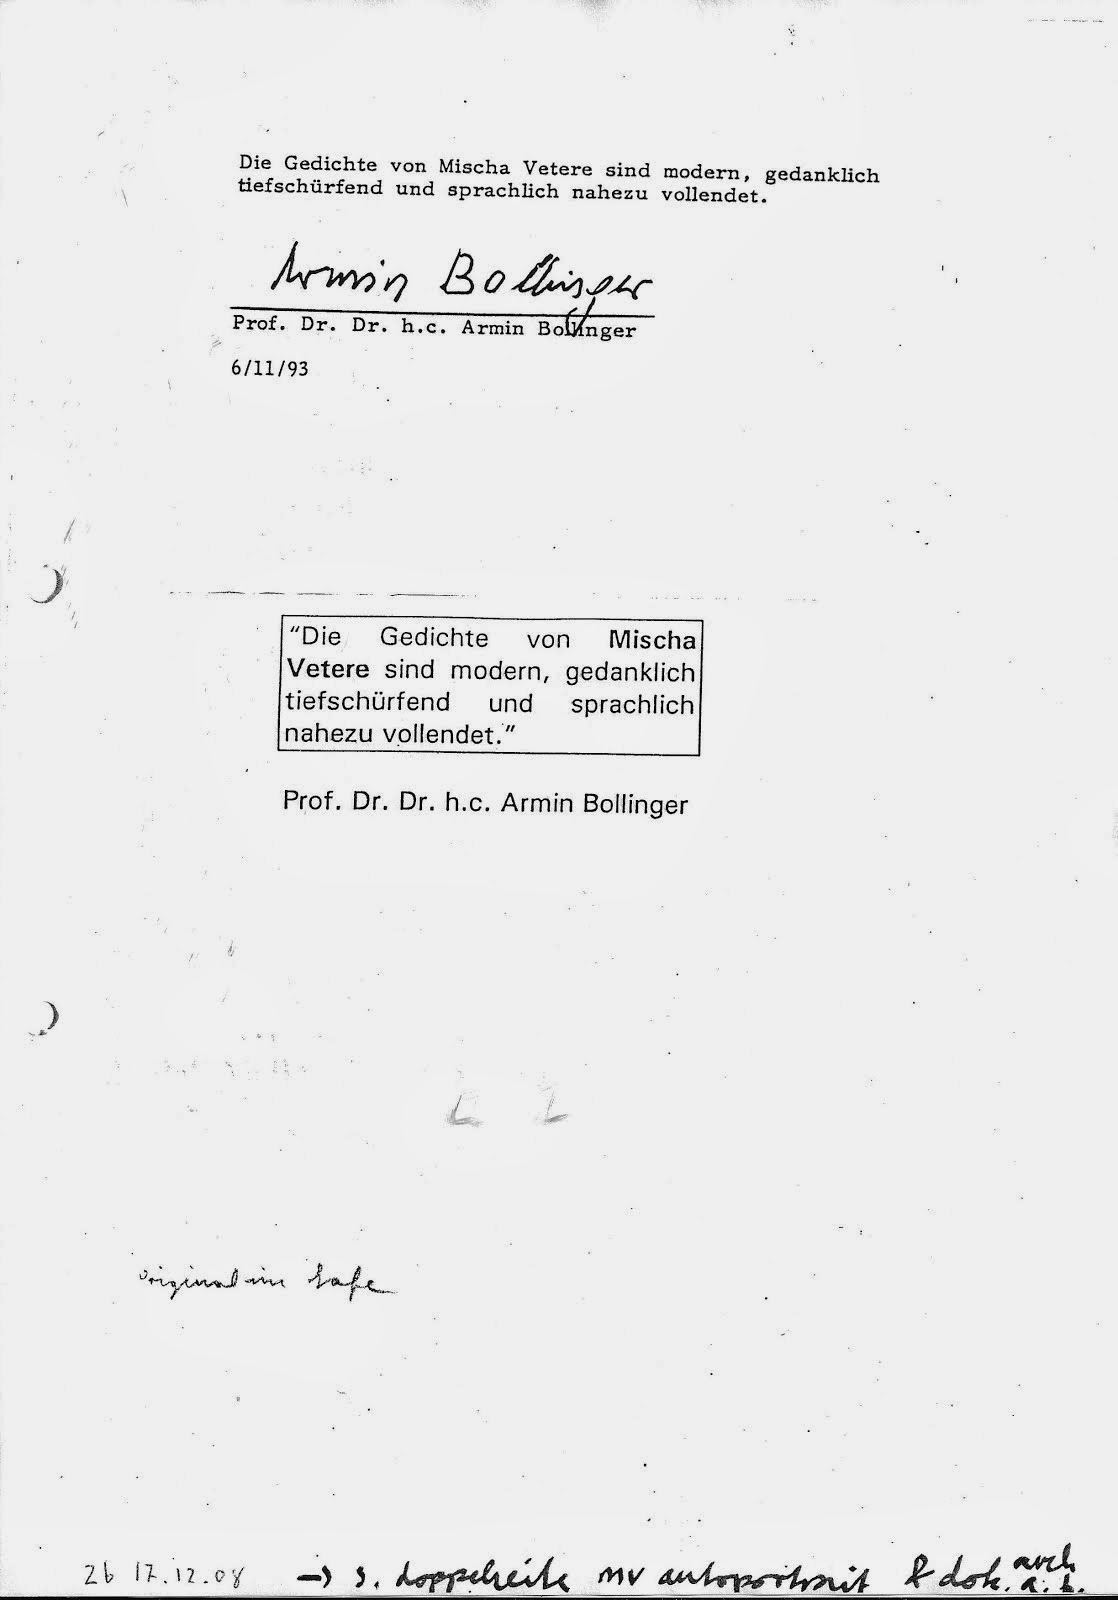 AB archiv zentralbibliothek zürich briefe mischa vetere und UNter bürgerlichem namen UNterschlagung